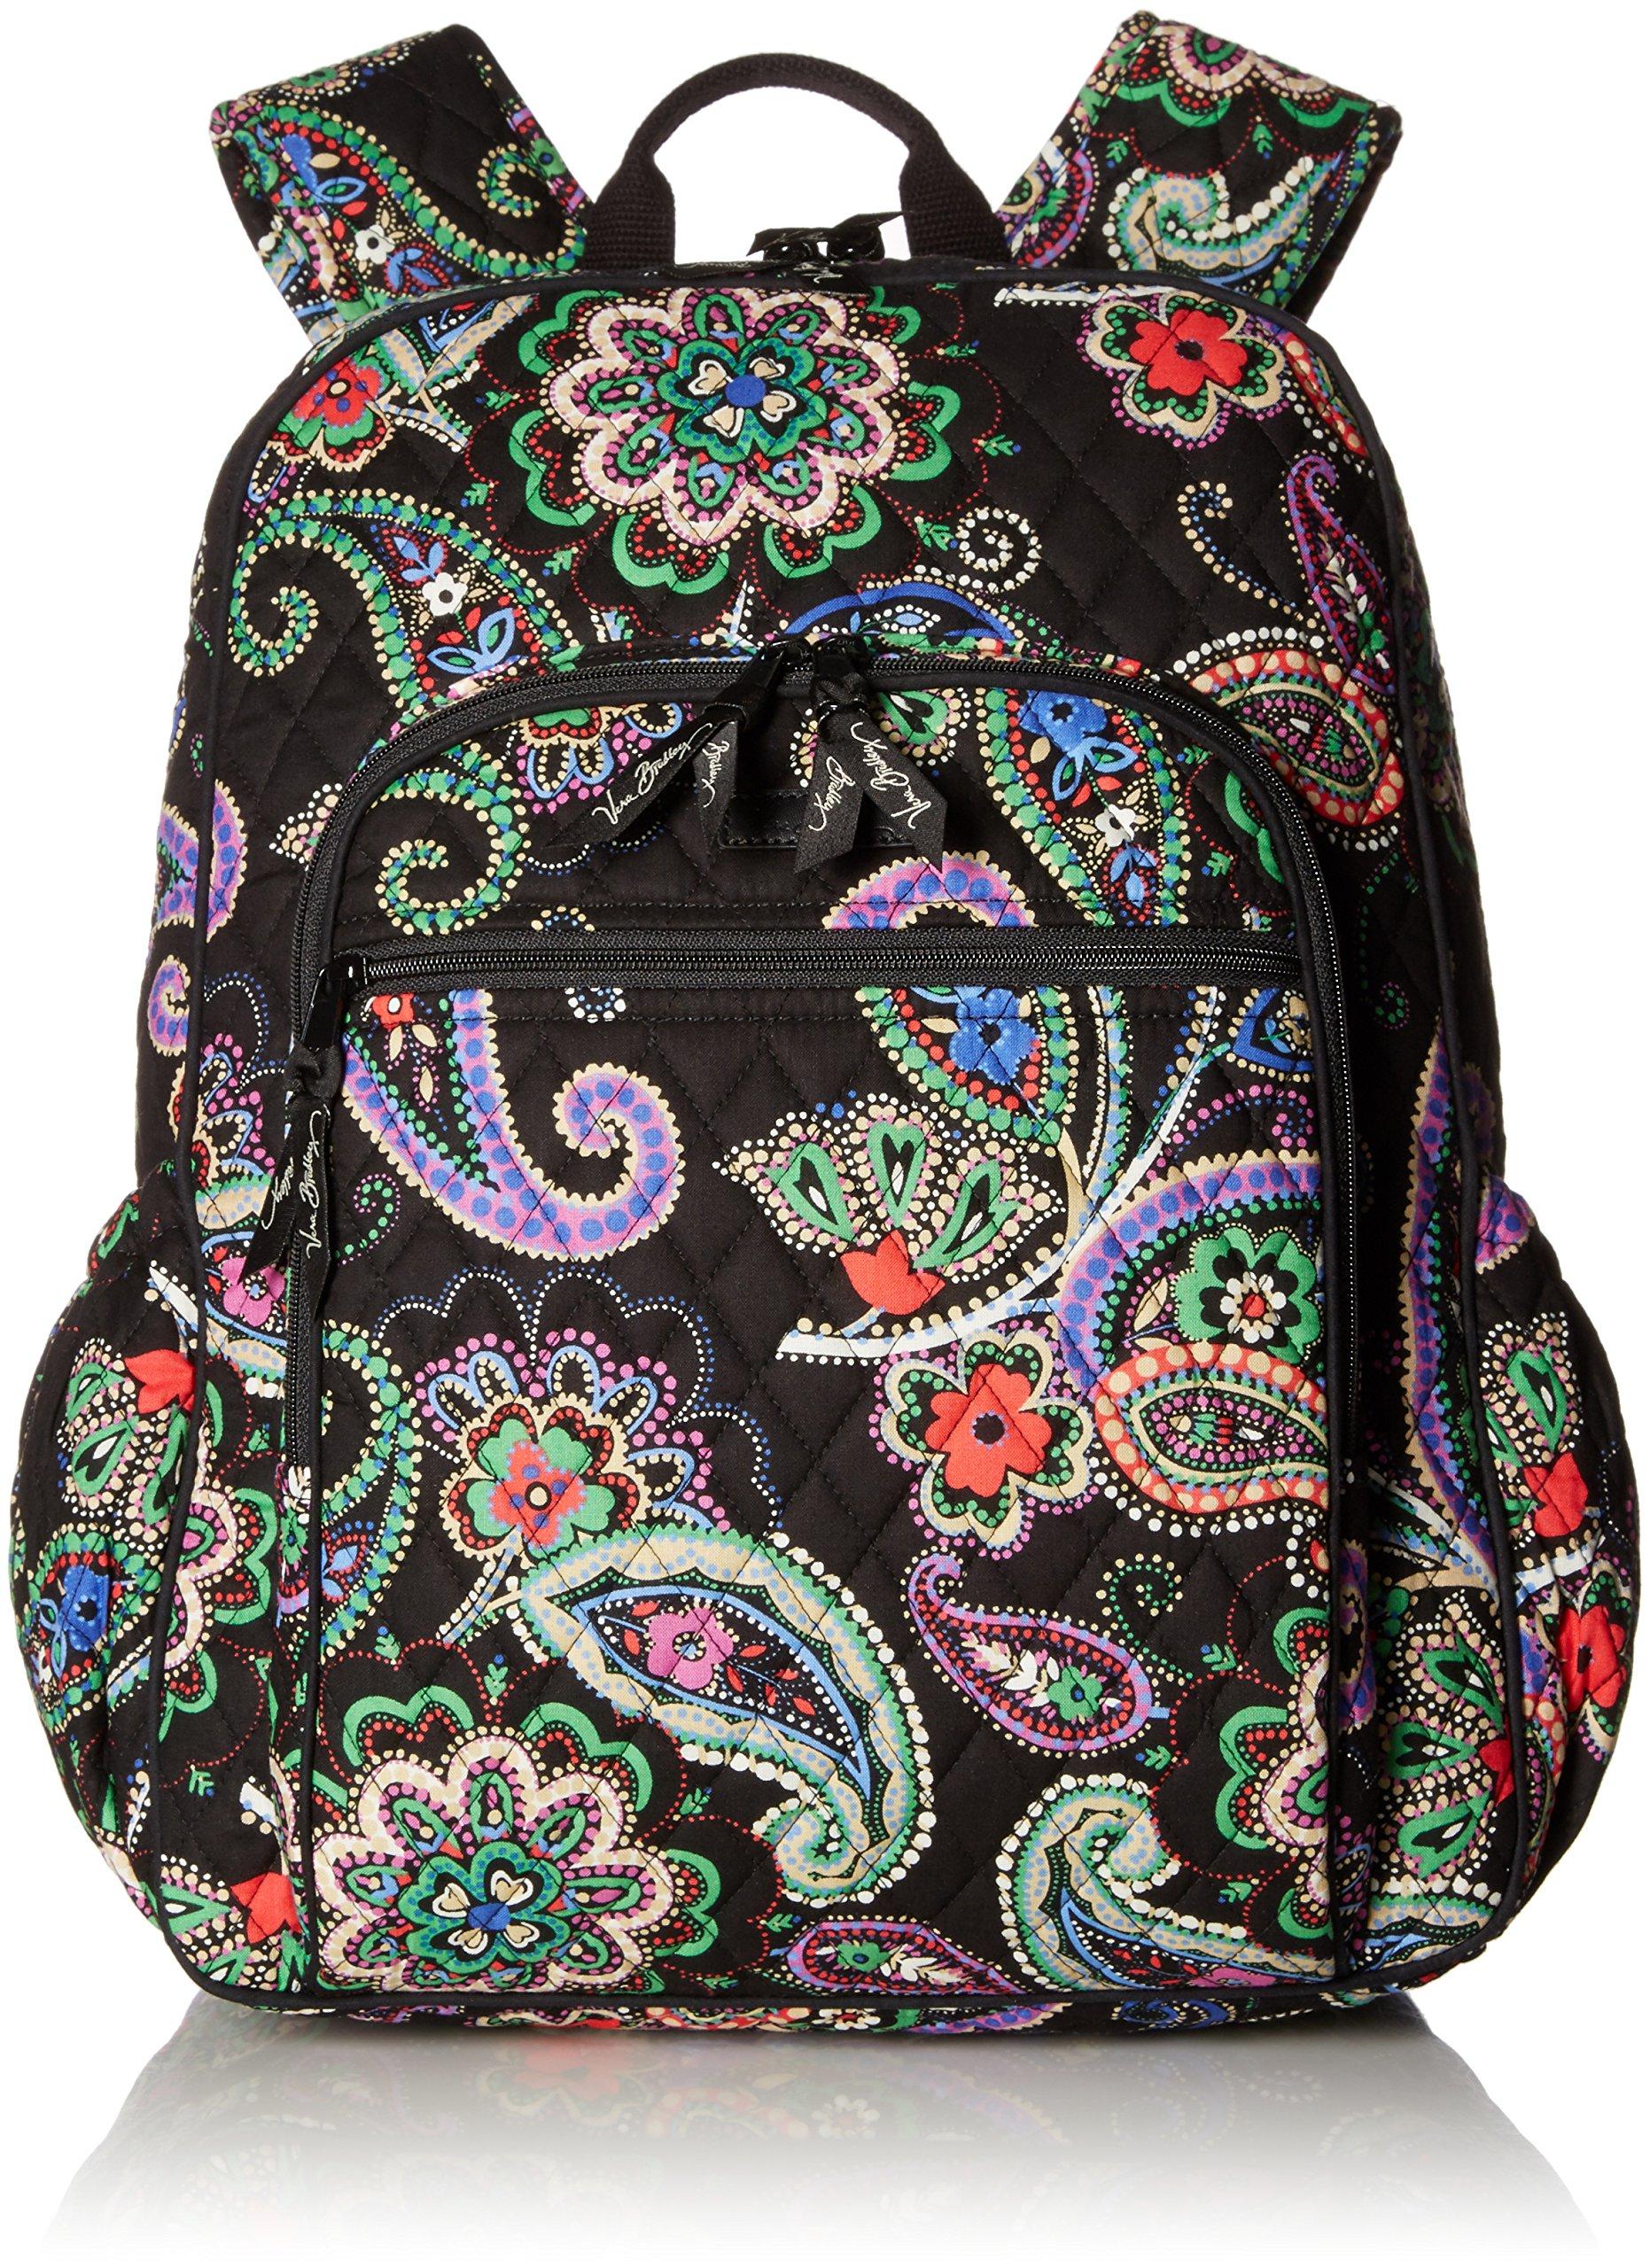 Women's Campus Tech Backpack, Signature Cotton, Kiev Paisley